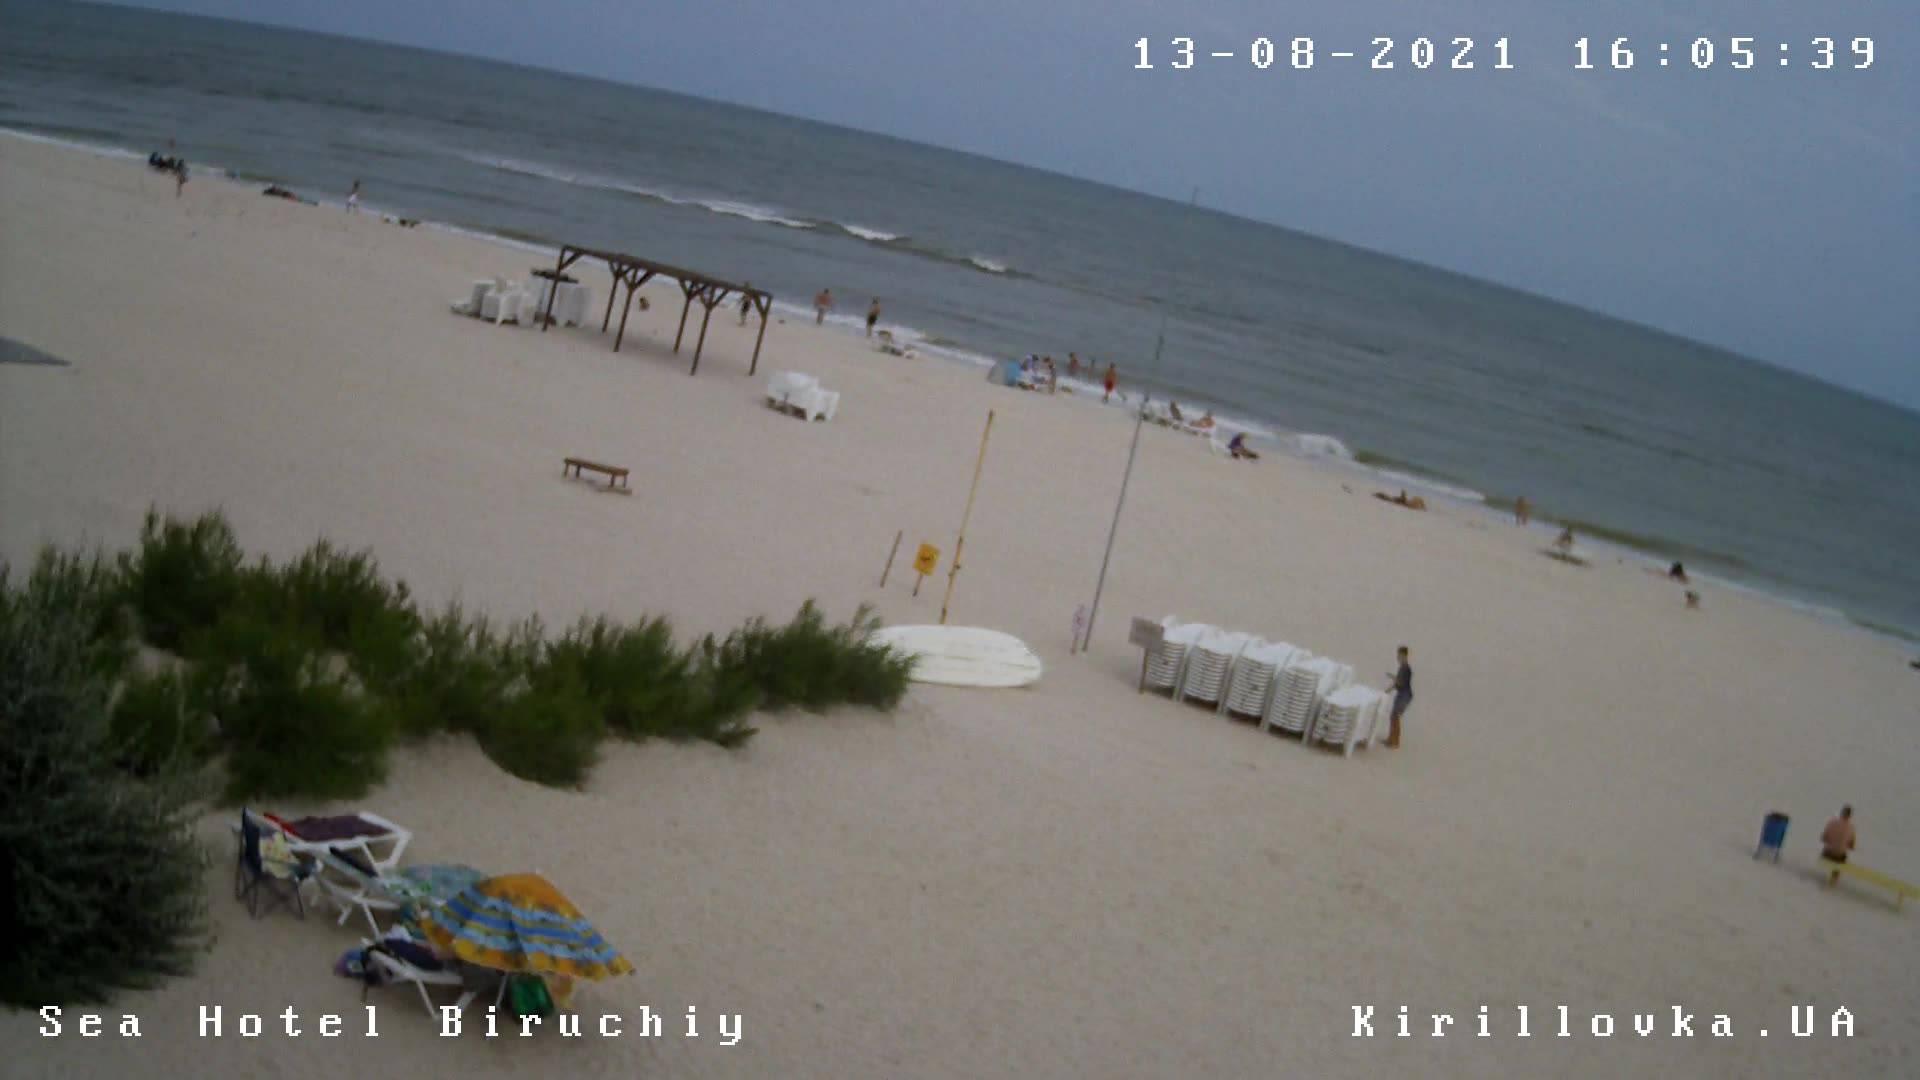 Видио скрытая камера на острове отдыха